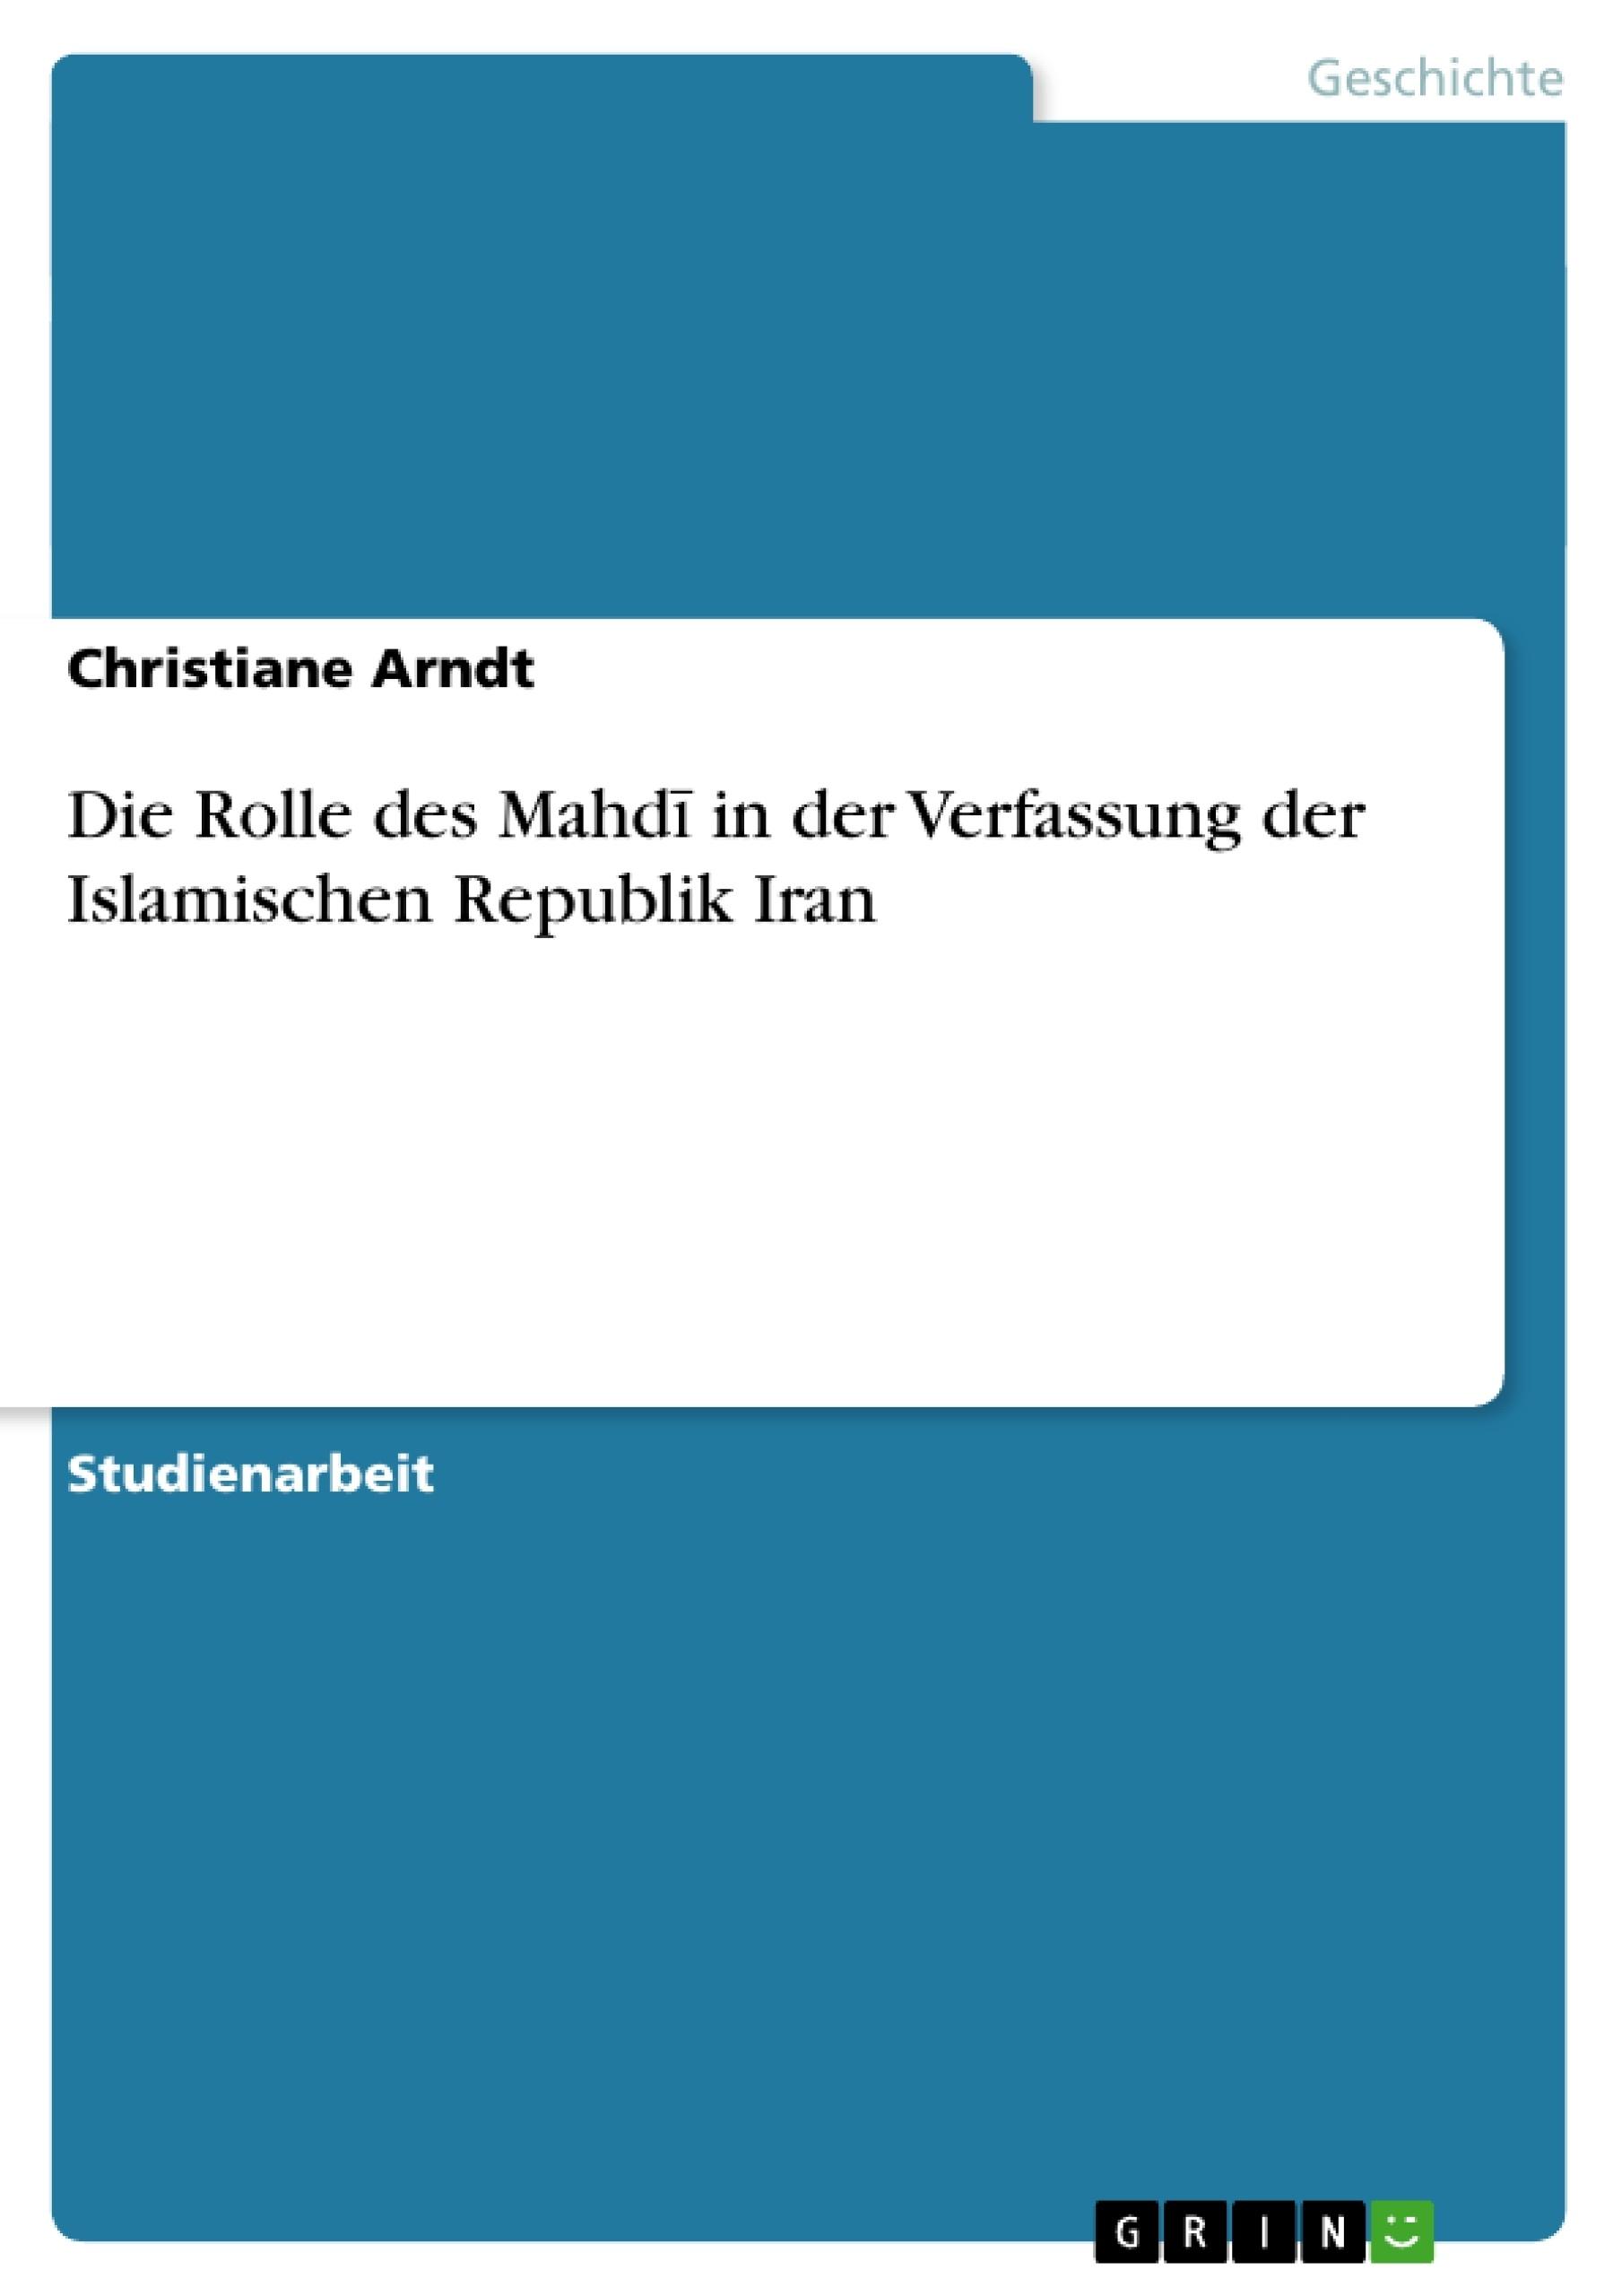 Titel: Die Rolle des Mahdī in der Verfassung der Islamischen Republik Iran